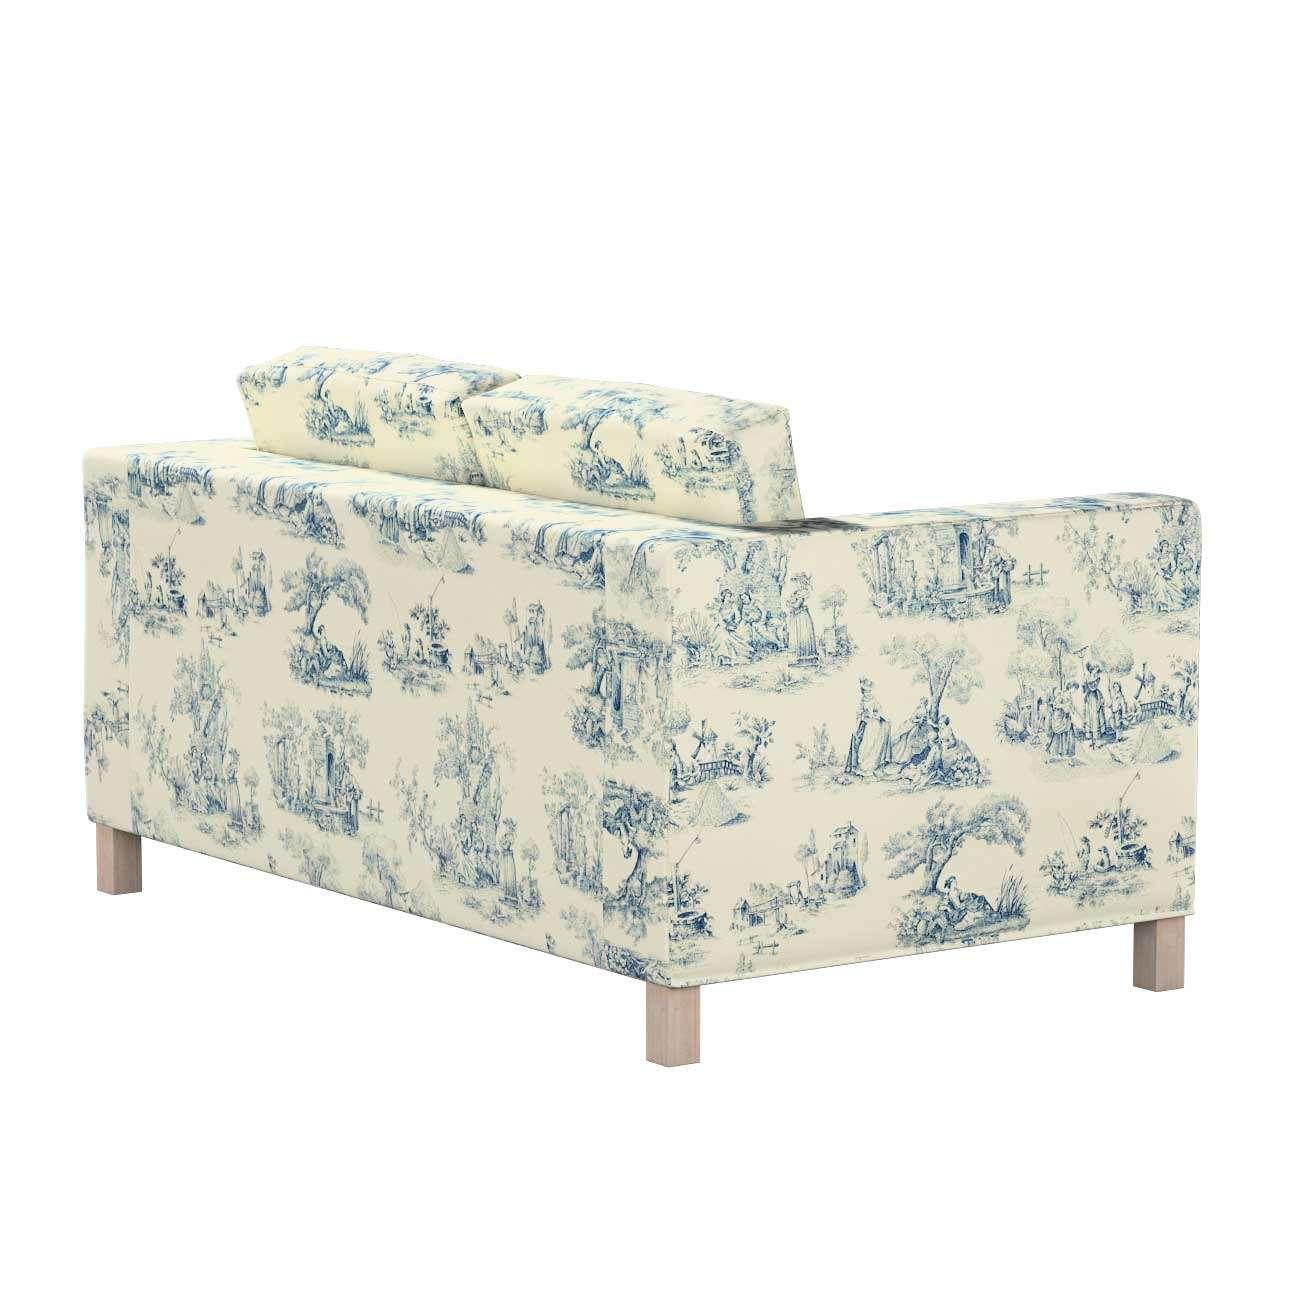 Pokrowiec na sofę Karlanda 2-osobową nierozkładaną, krótki w kolekcji Avinon, tkanina: 132-66